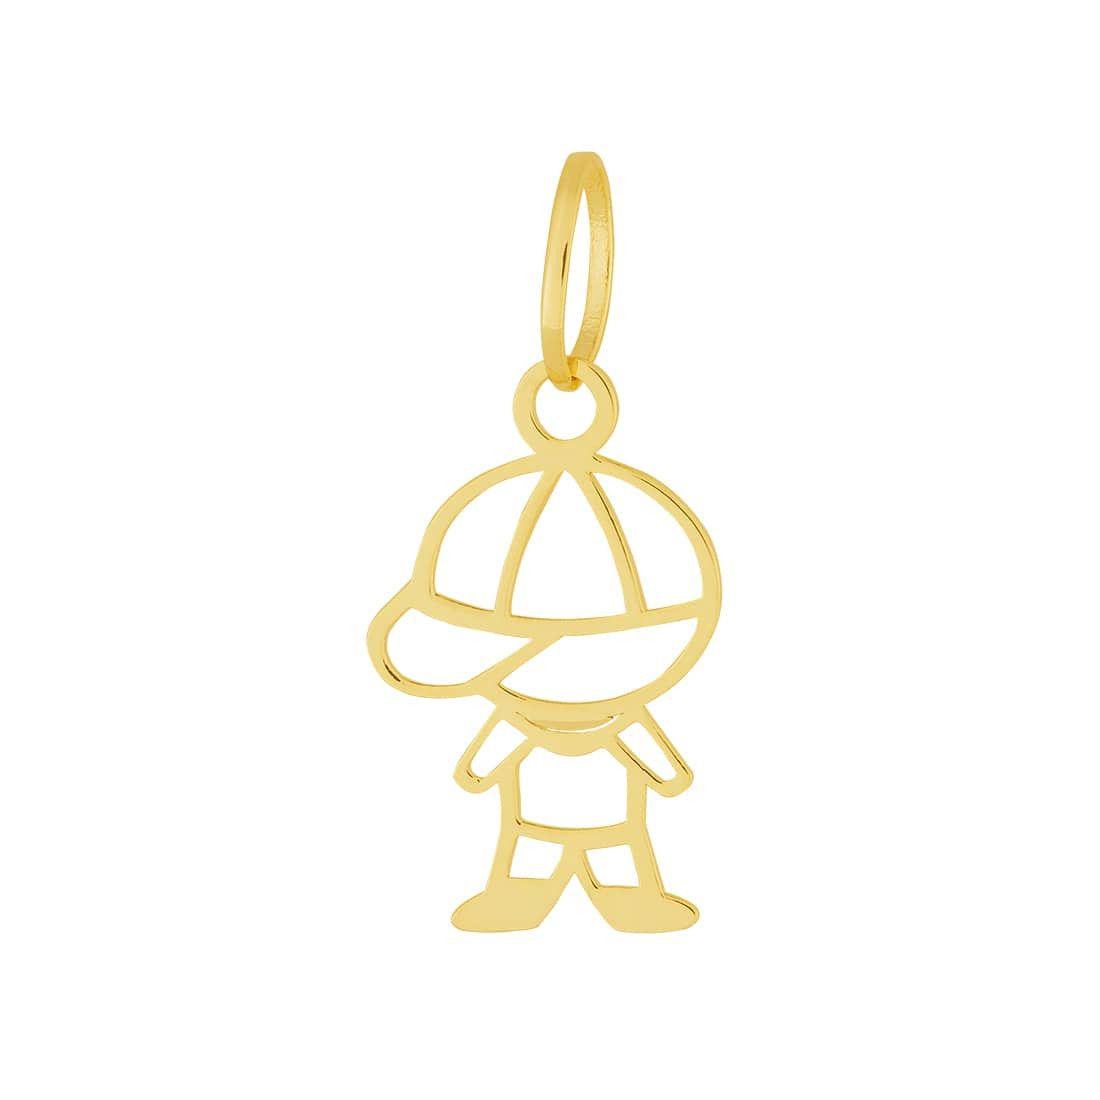 Pingente Aço Dourado (Gold IPG) Menino / Boneco / Filho 332461